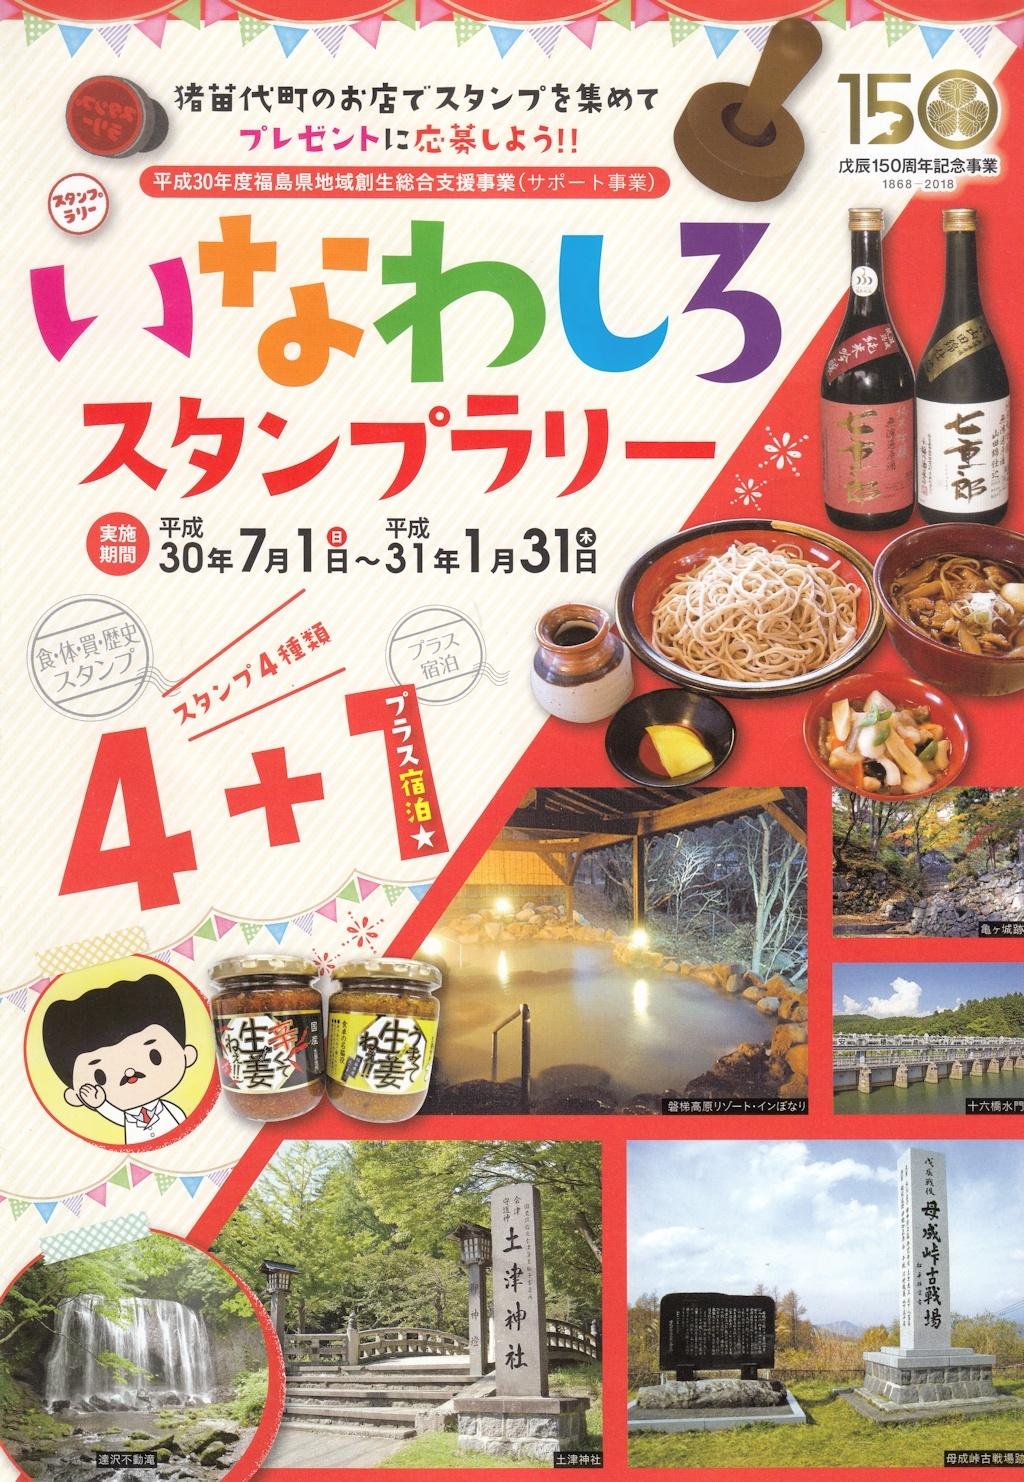 inawasiro-kuji02.jpg